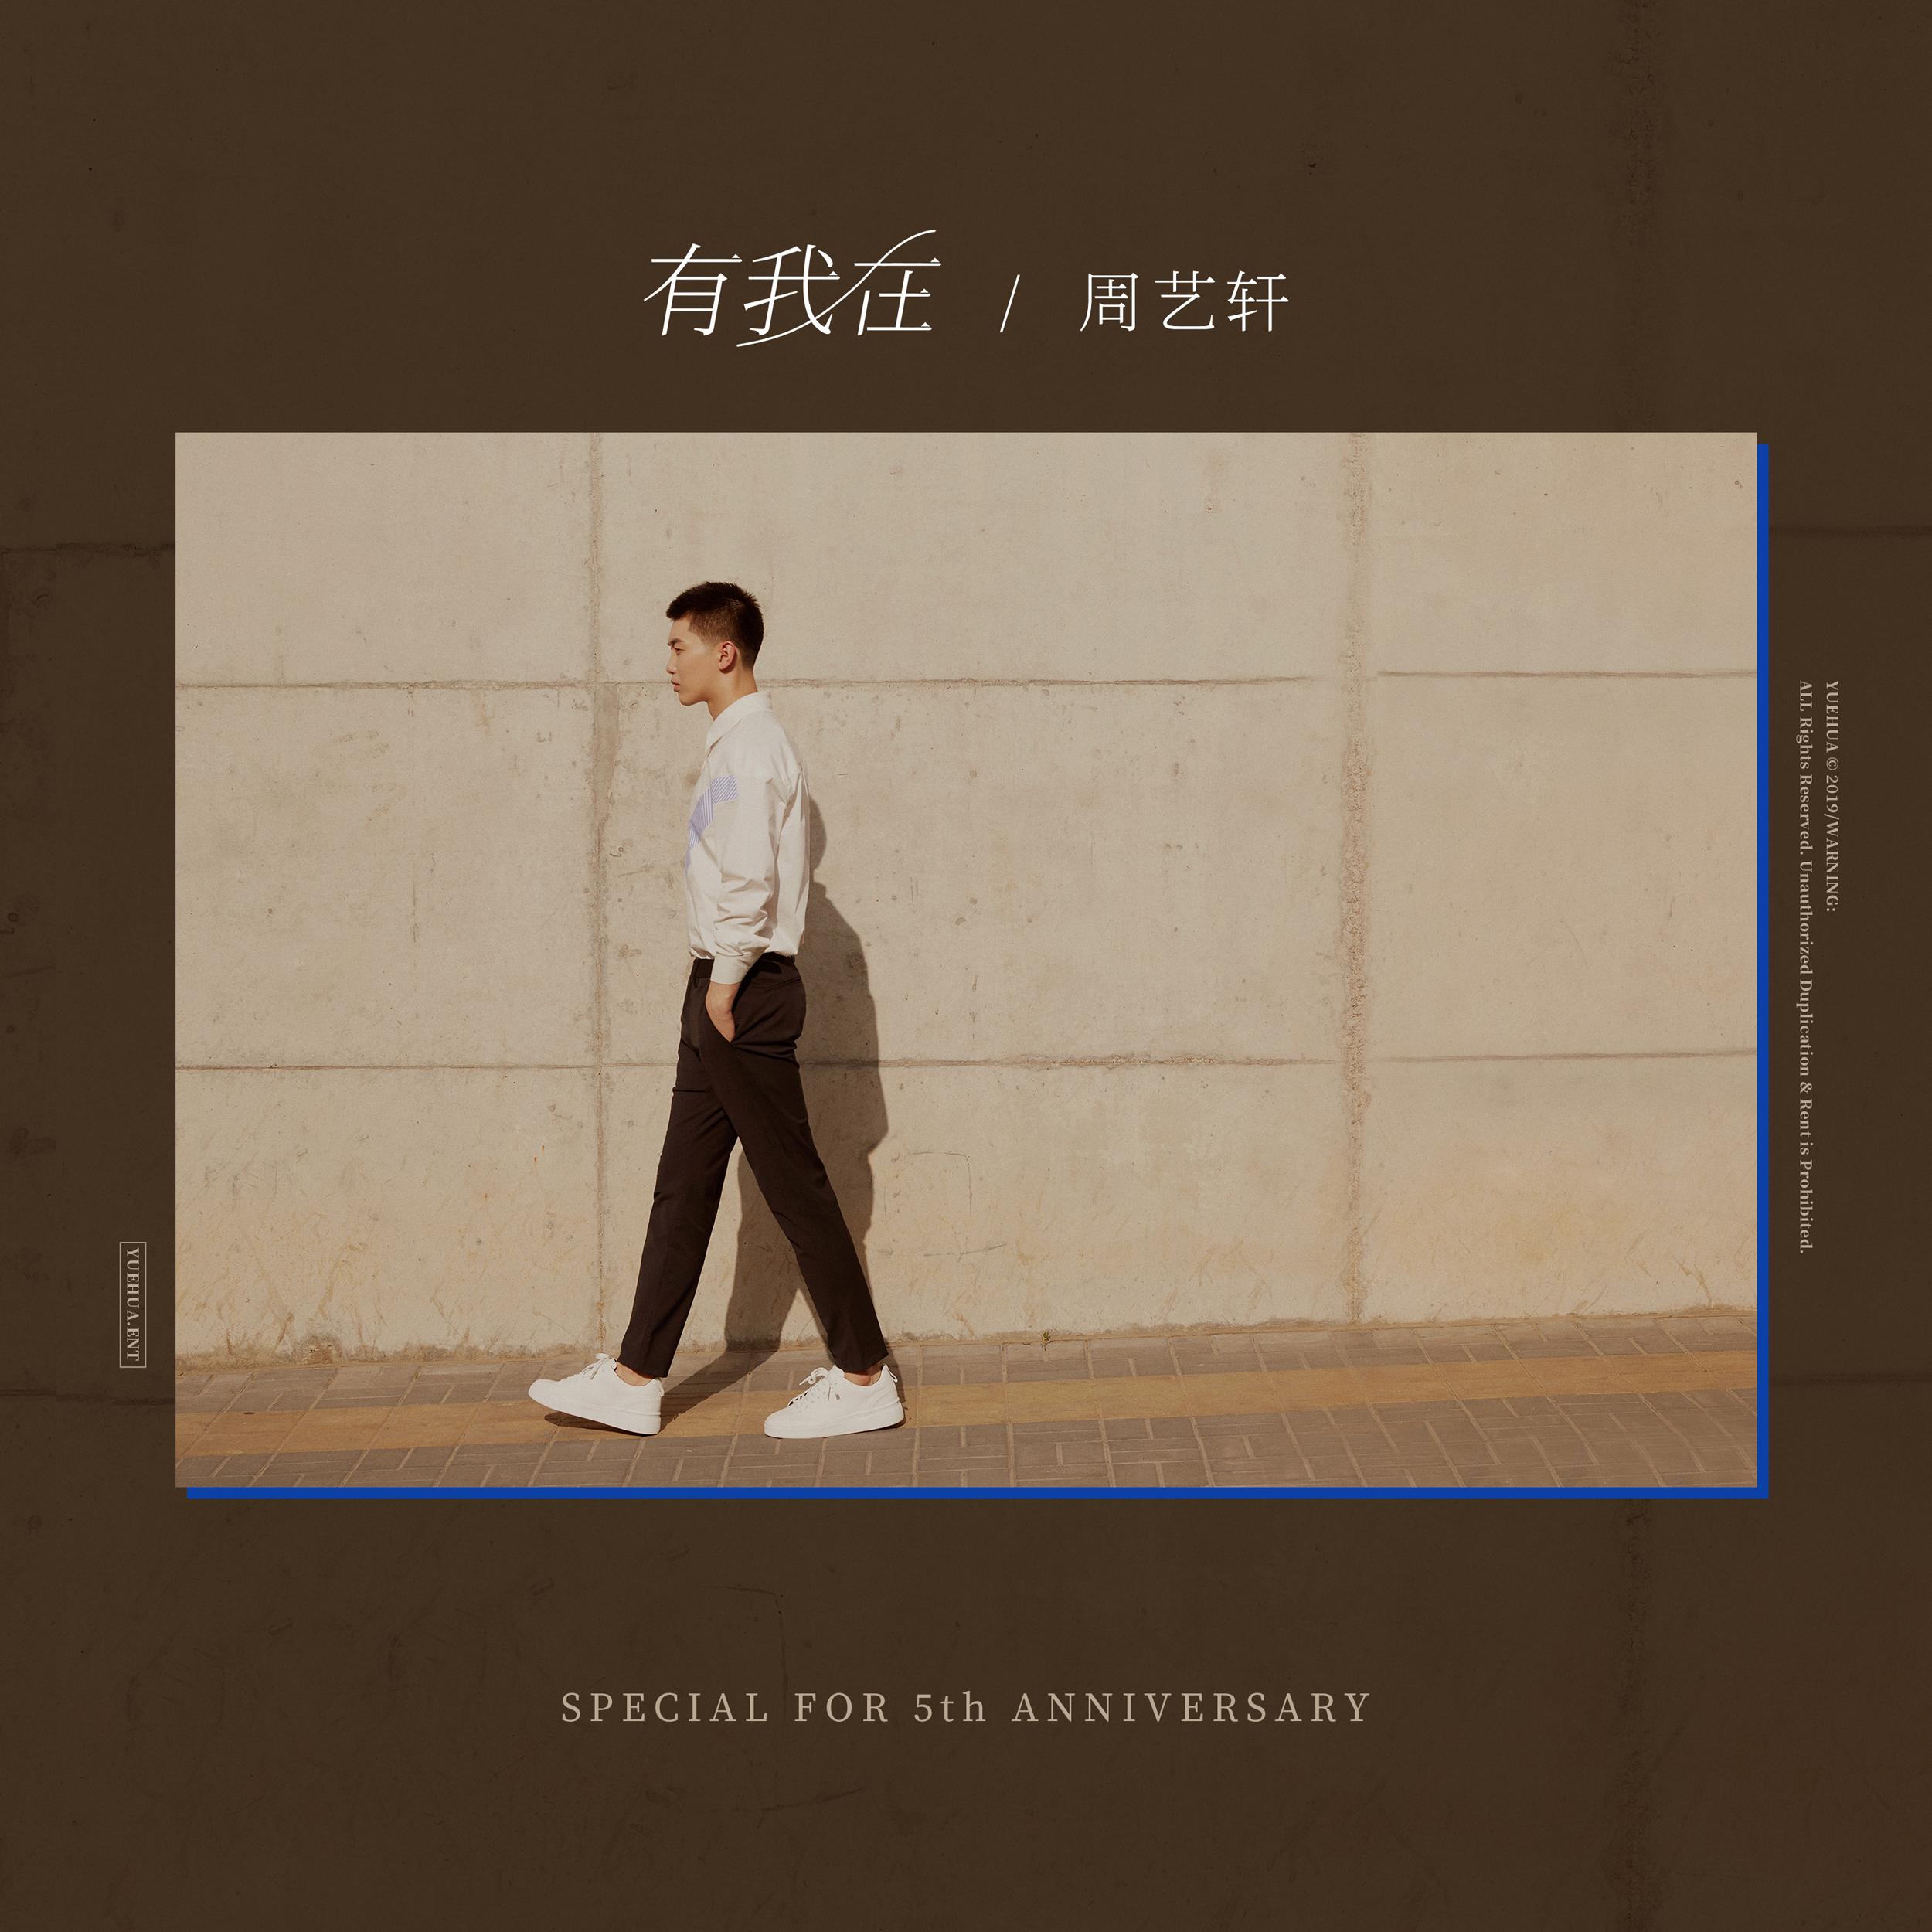 周艺轩原创单曲《有我在》上线 温暖动听陪伴孤独心灵